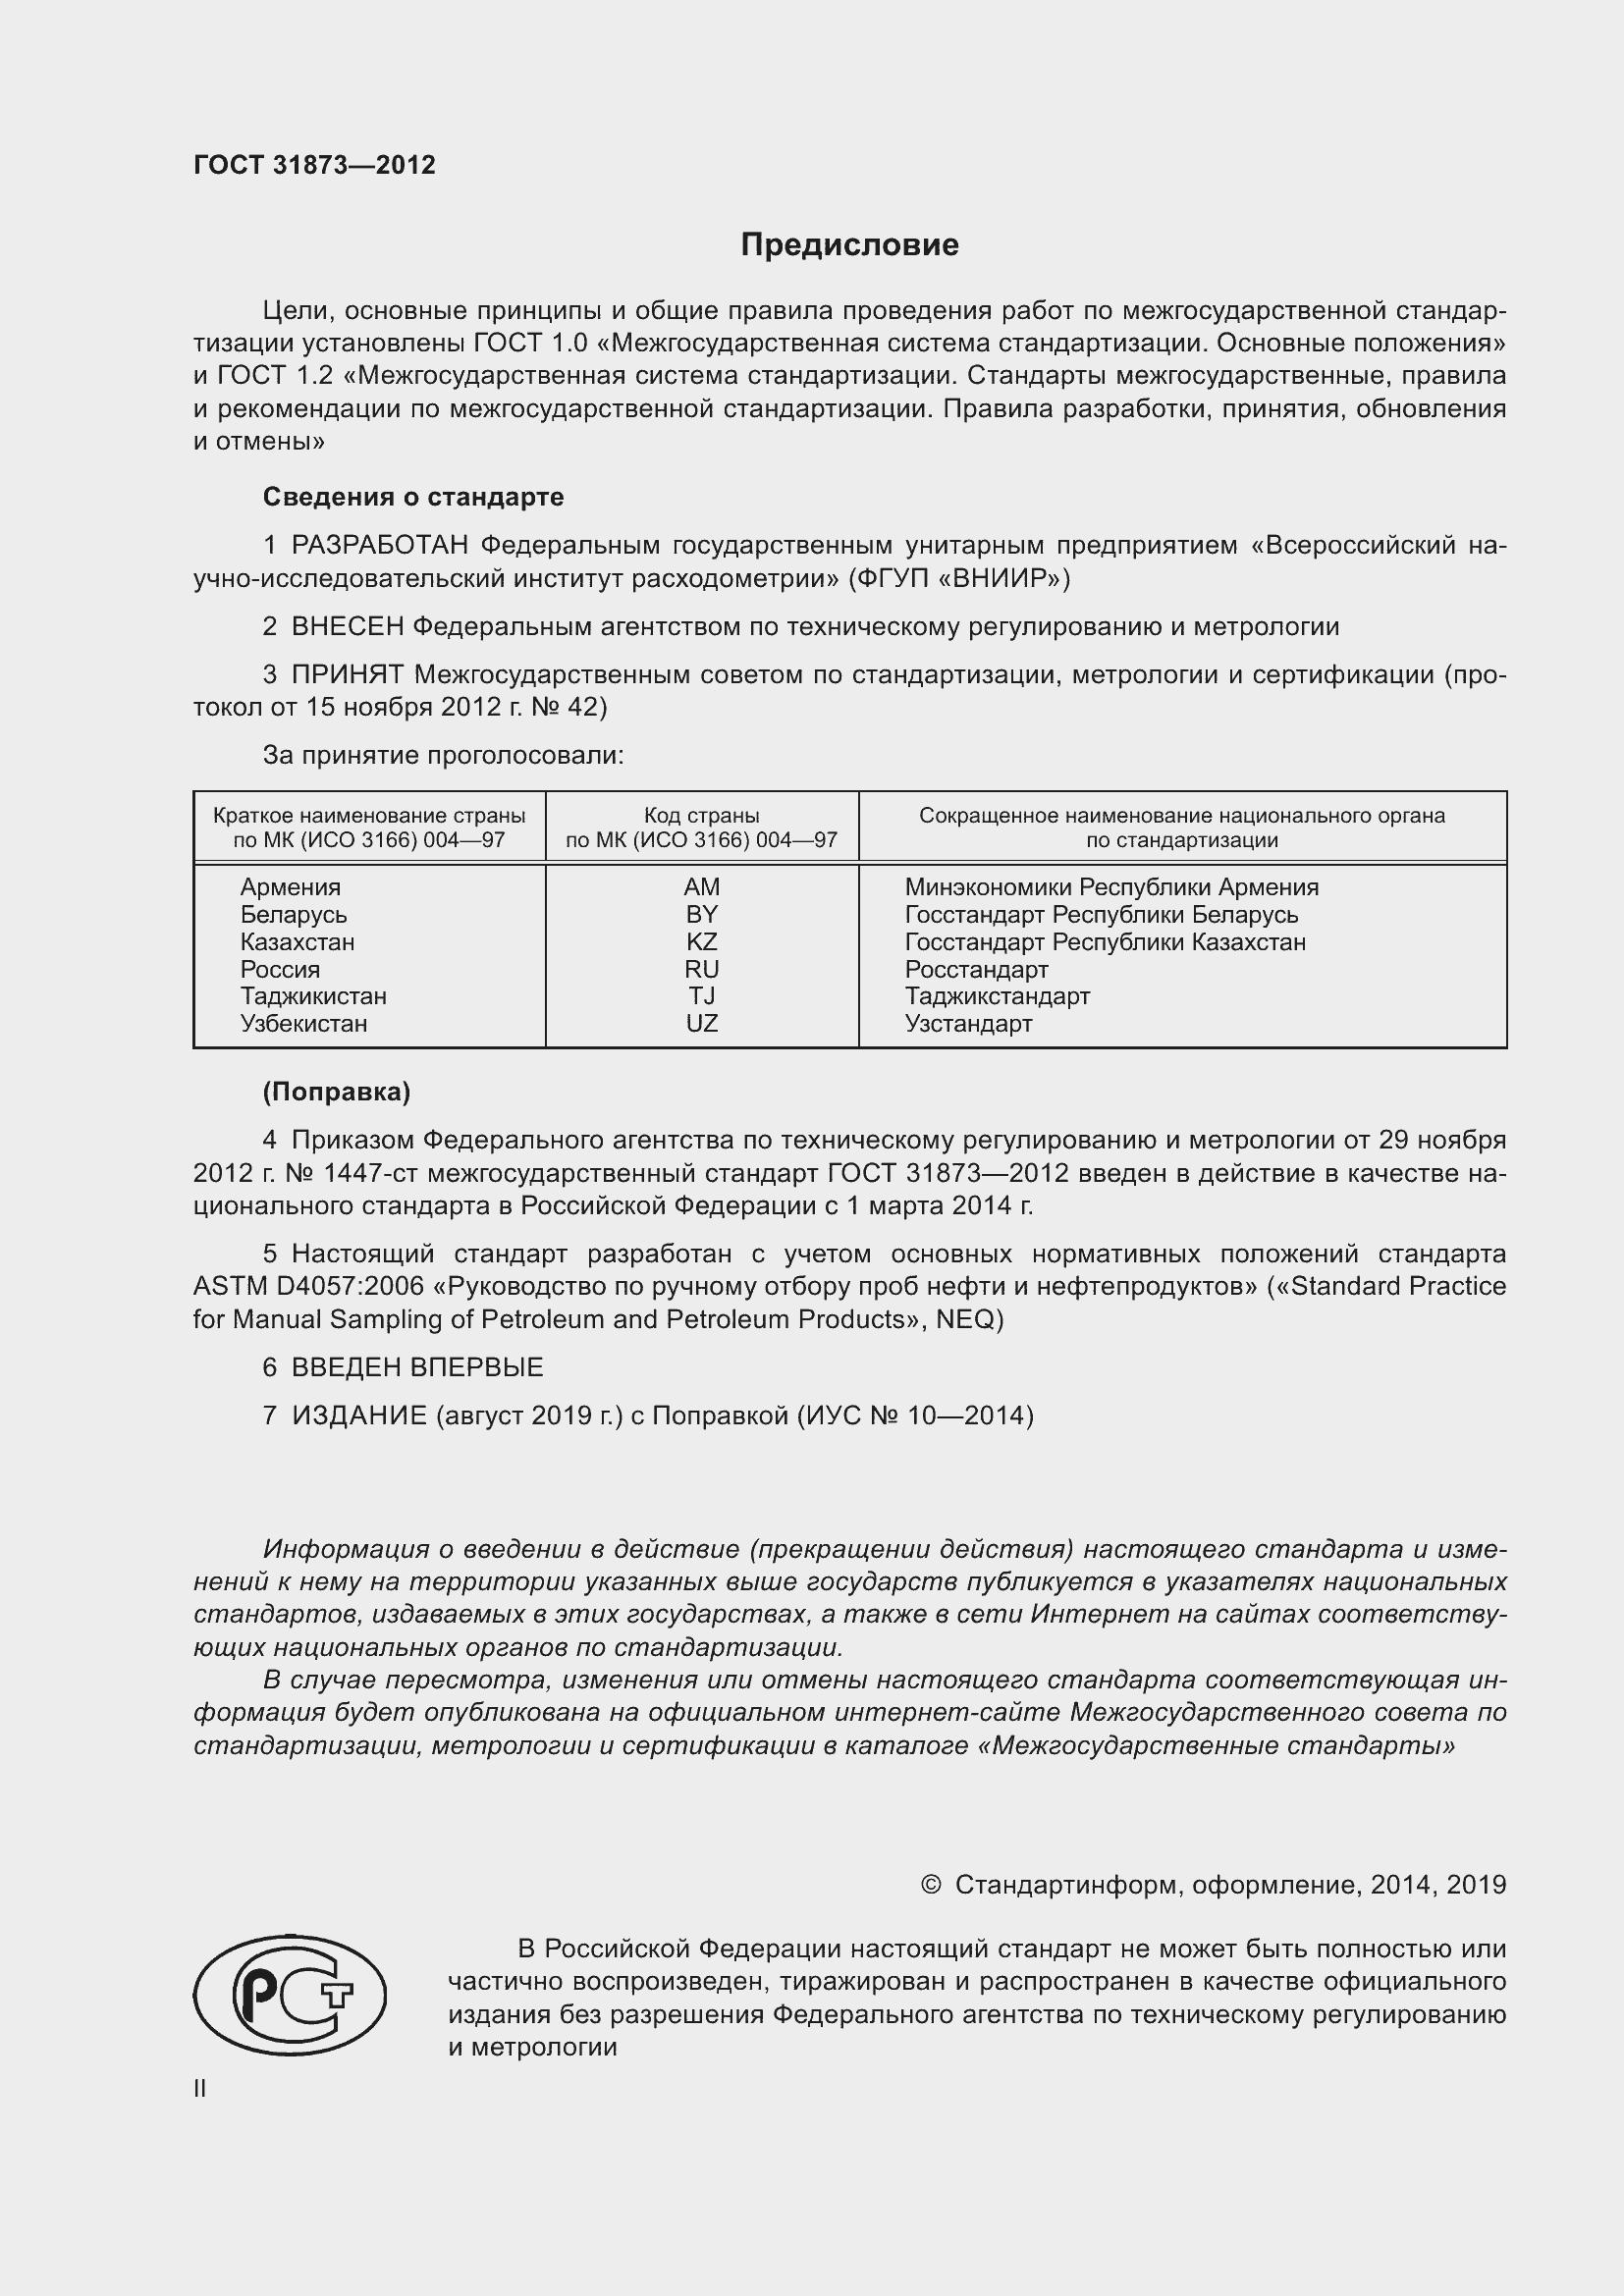 Инструкция Отбор Проб Нефти